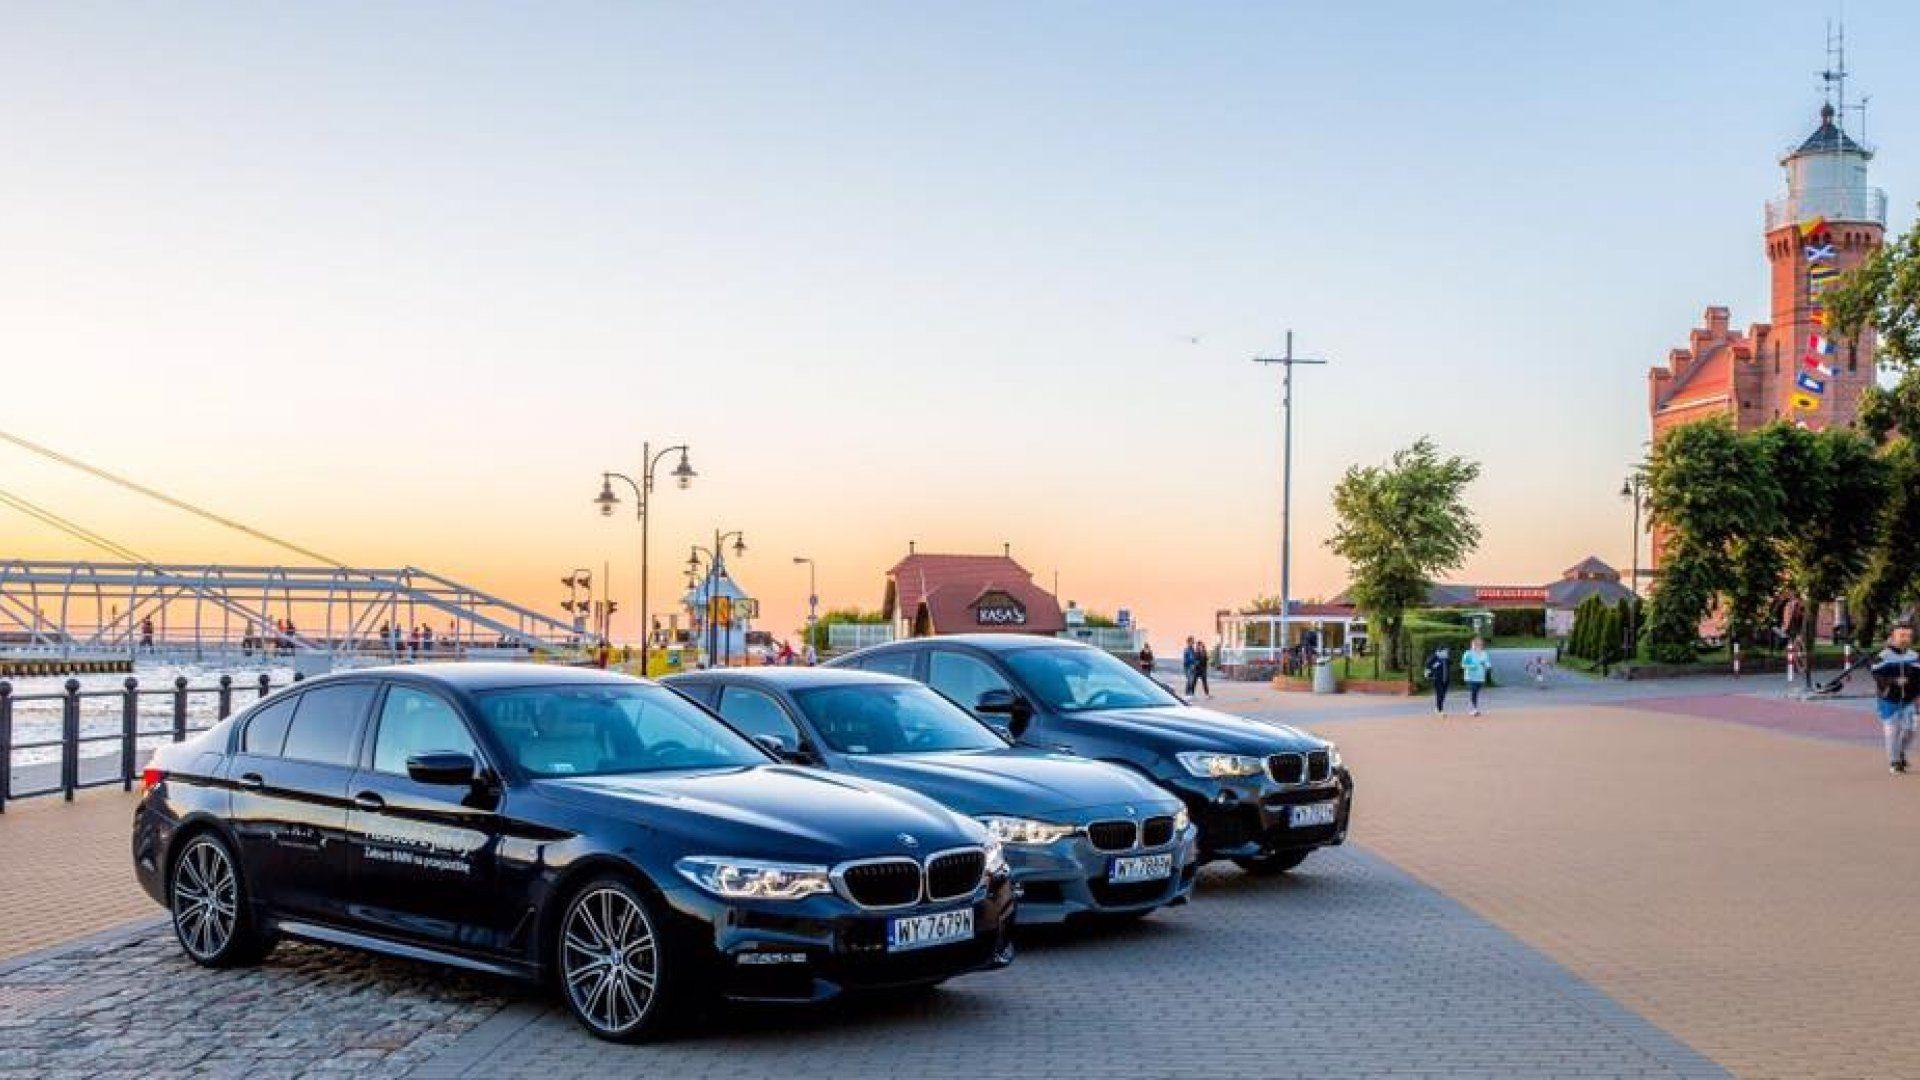 BMW na przejażdżkę dla Gości naszego hotelu!